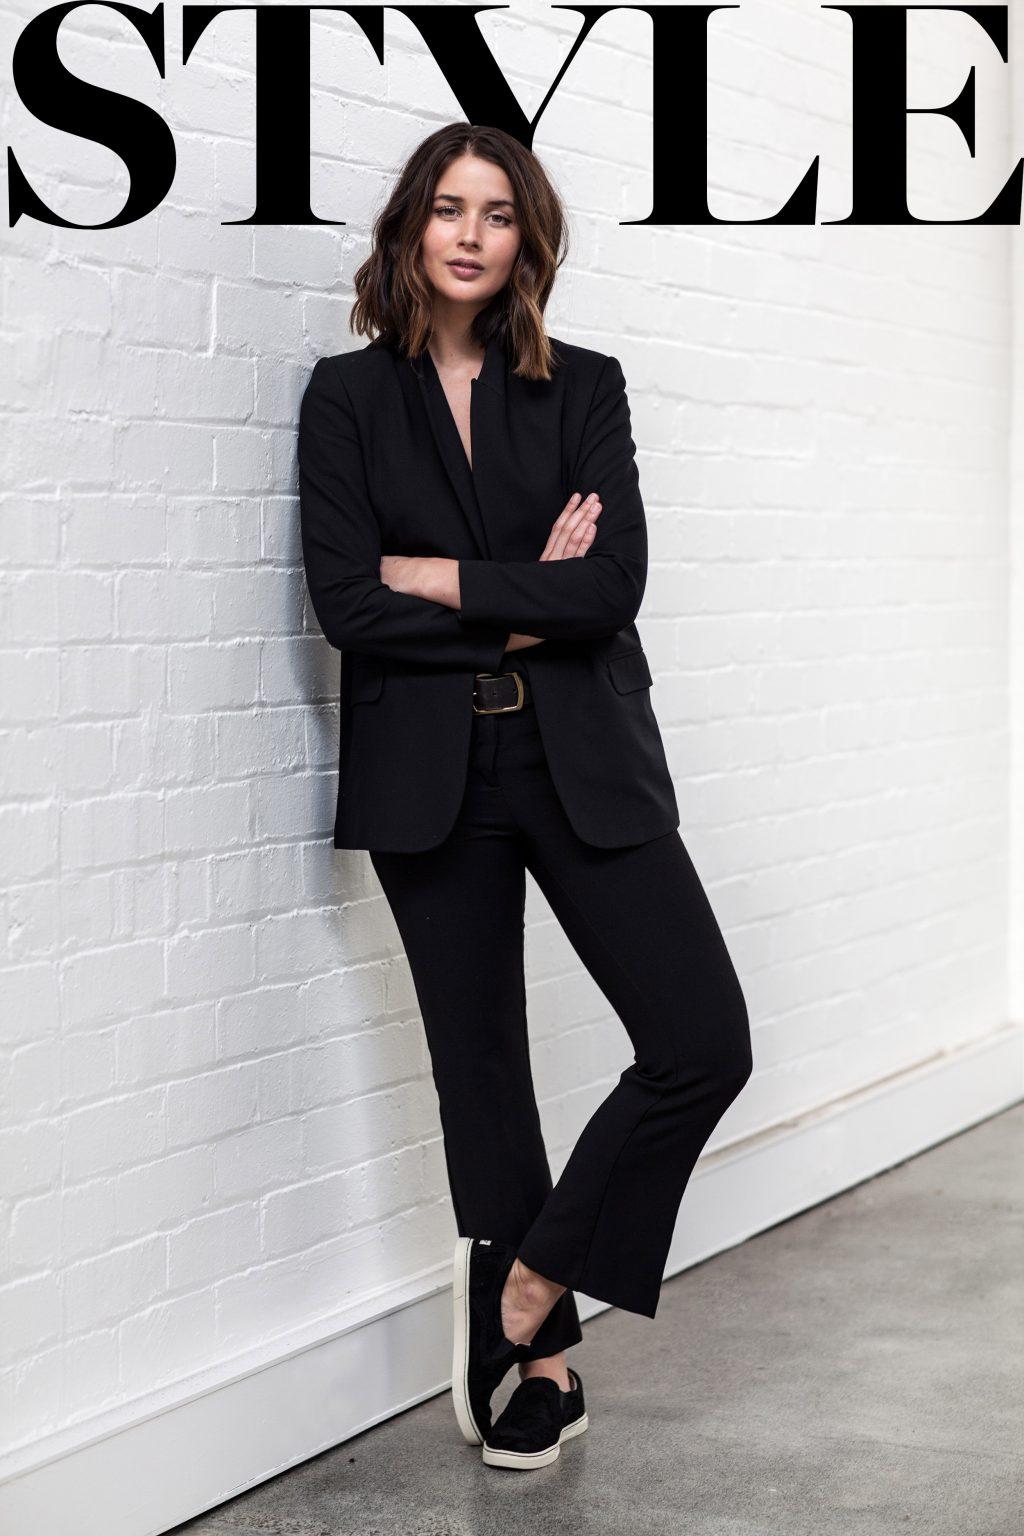 trang phục phỏng vấn suit màu đen và giày đen